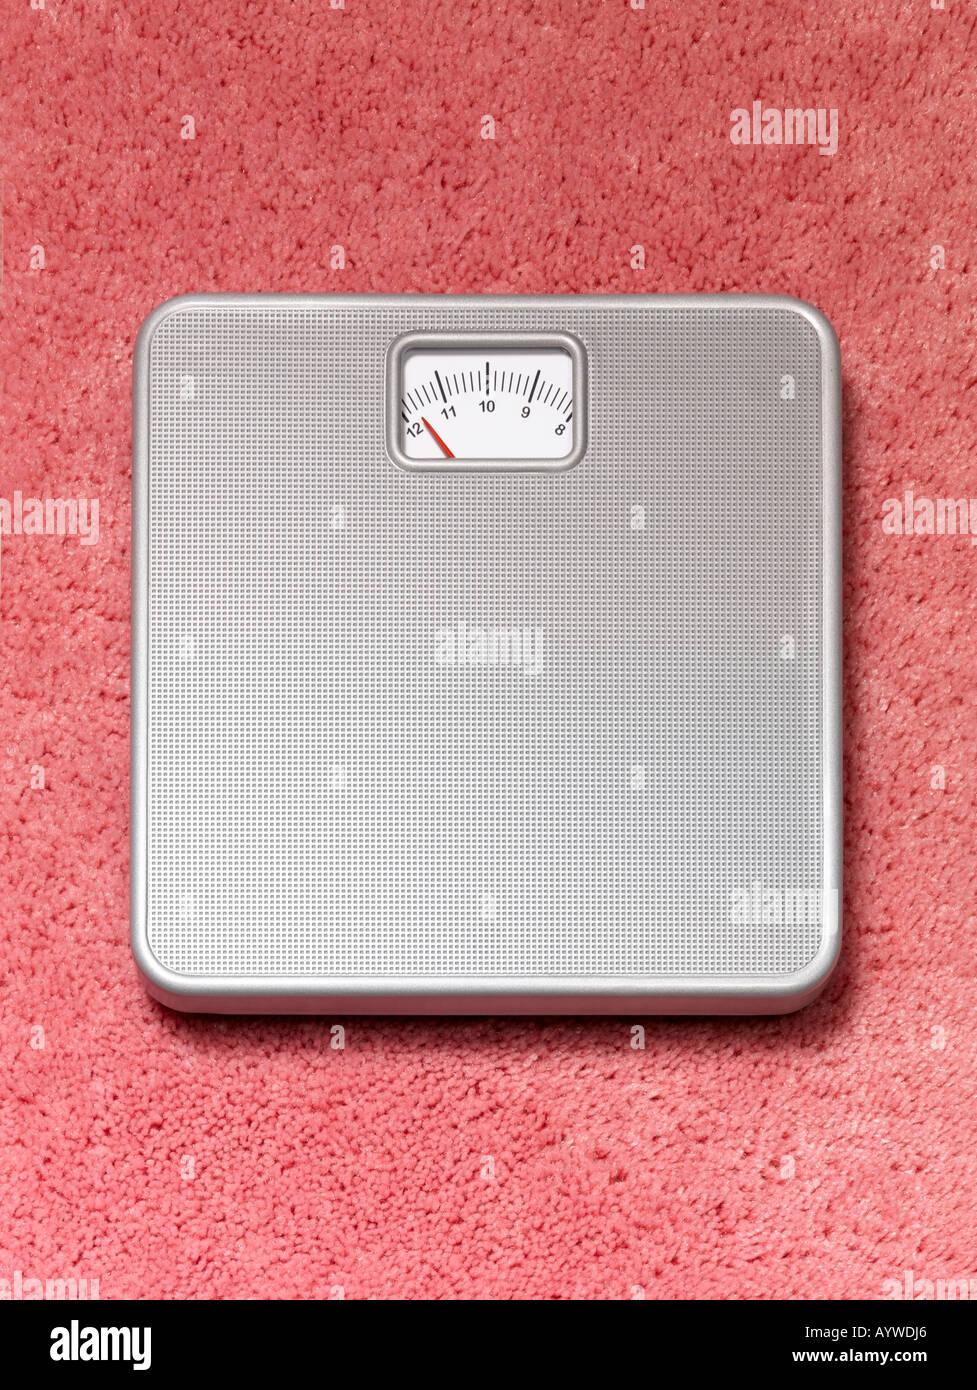 Une salle de bains pourvue d''une balance sur un tapis moelleux rose Photo Stock